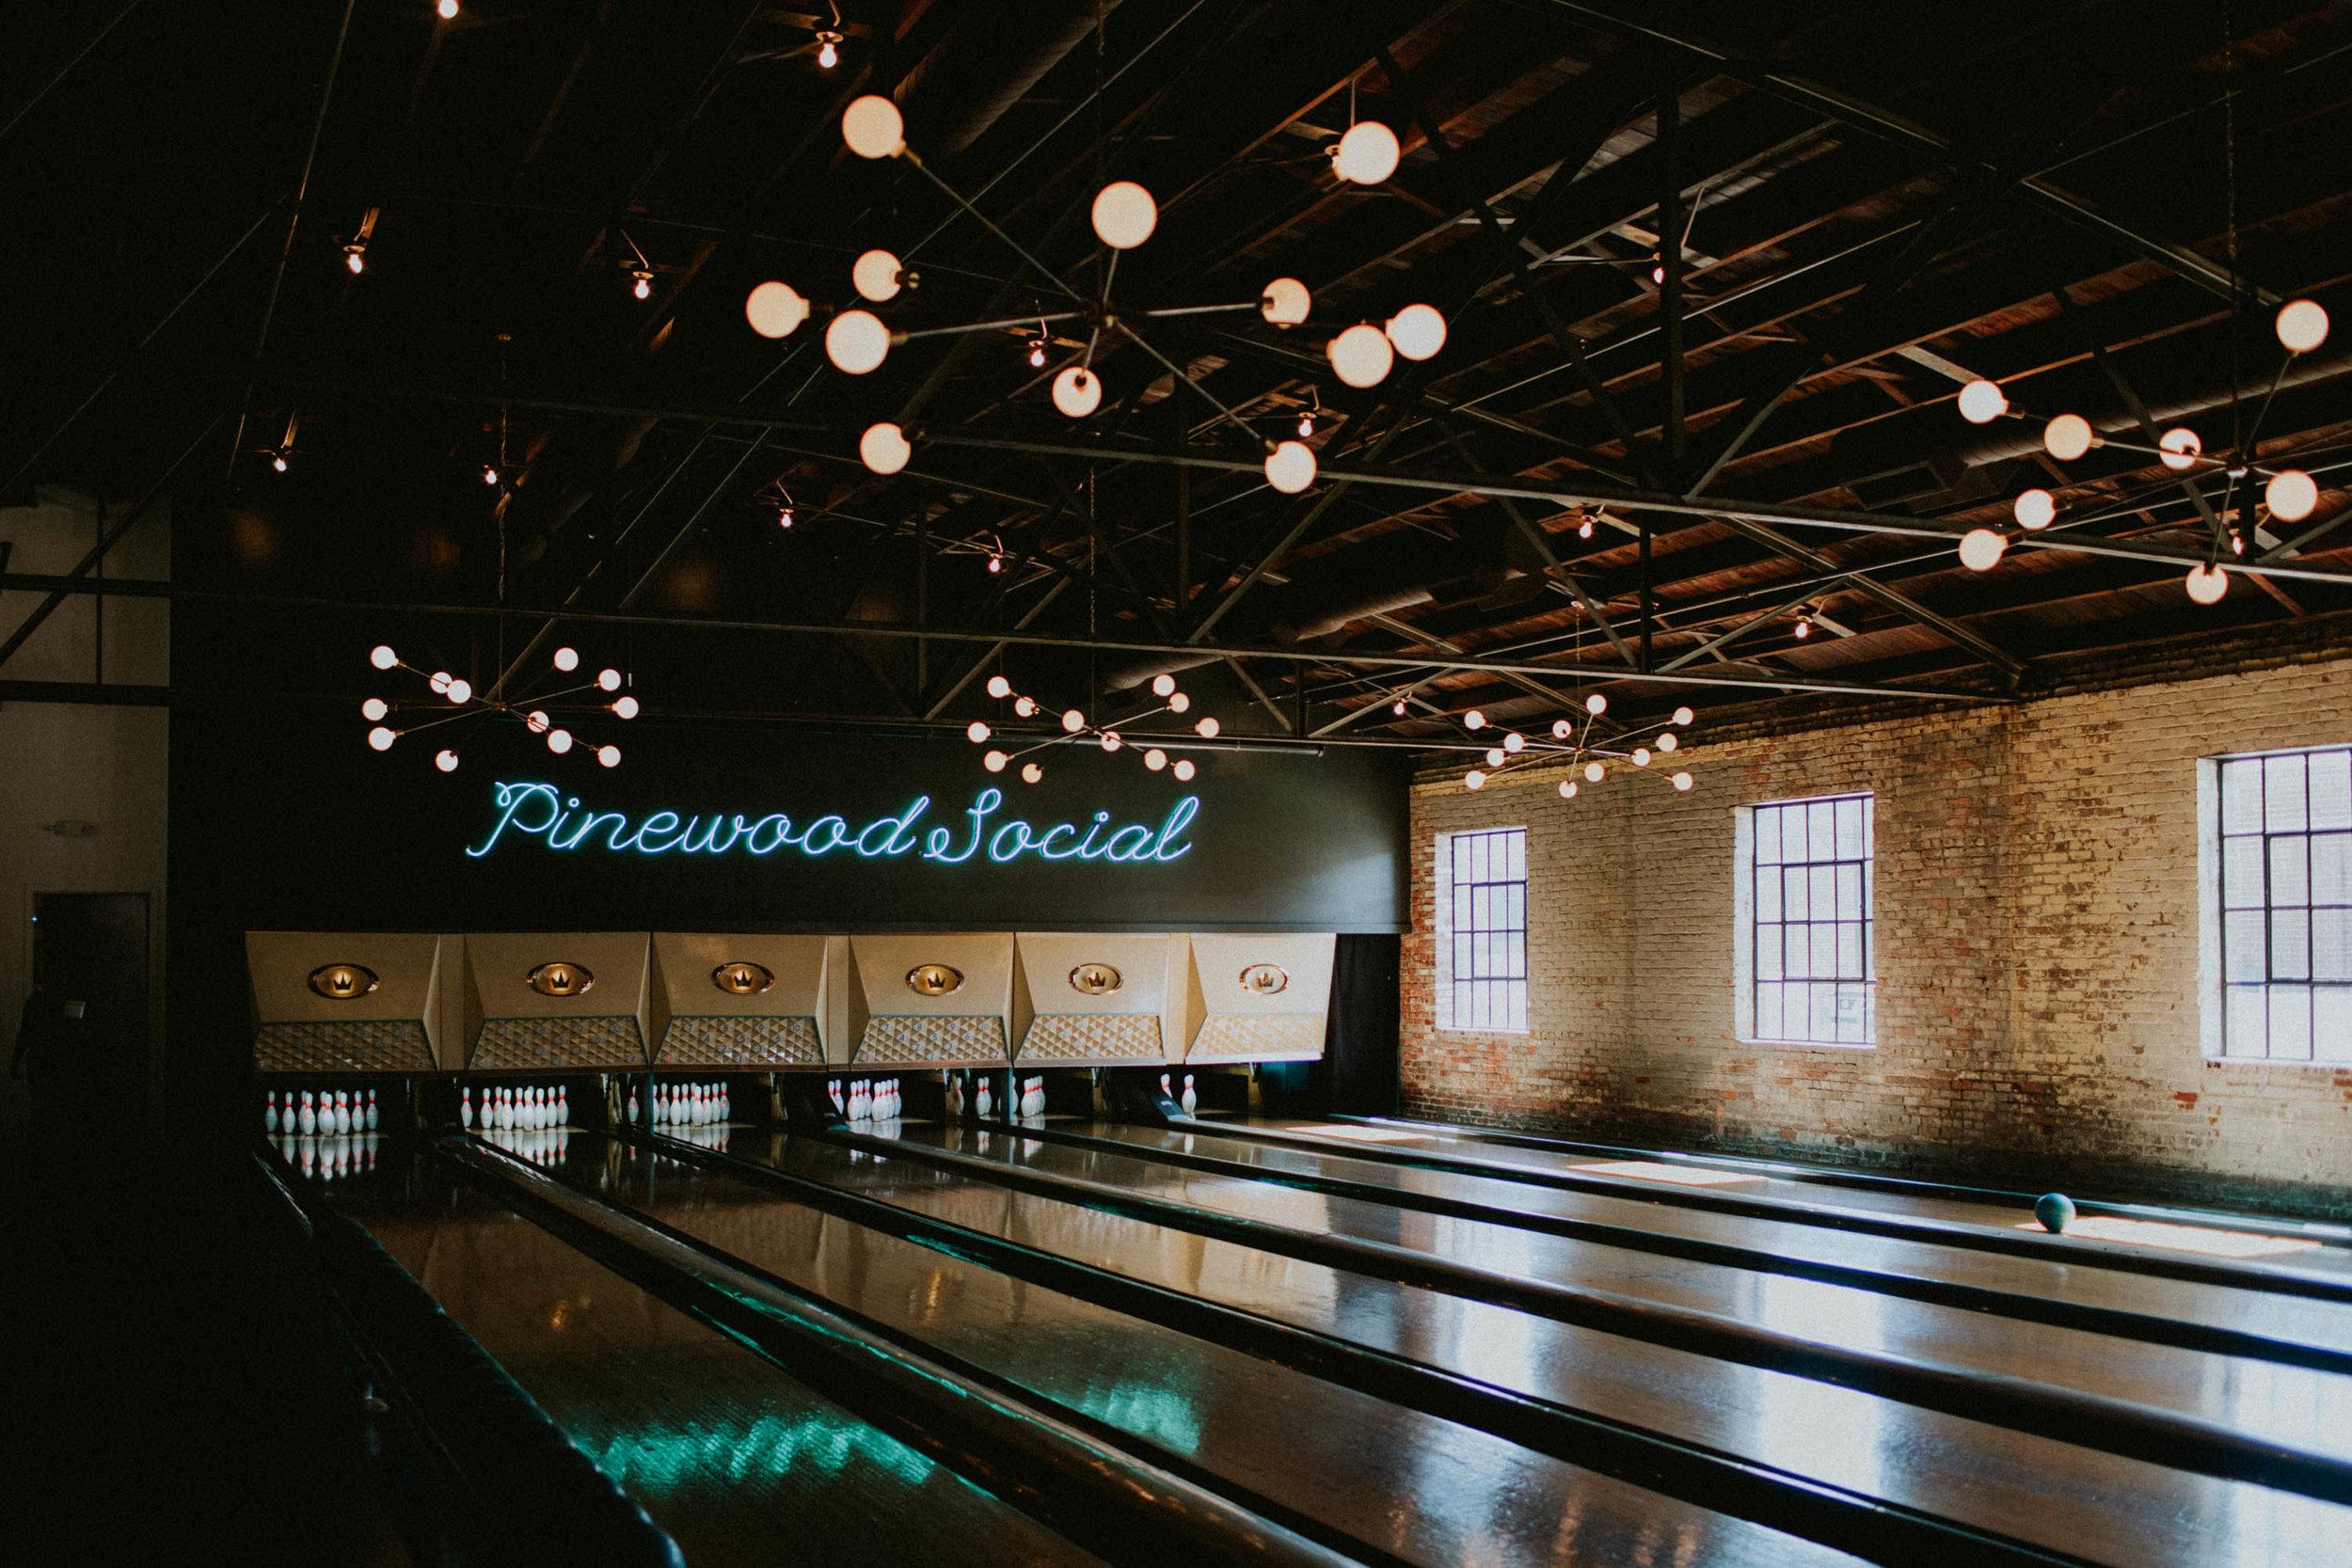 Pinewood Social